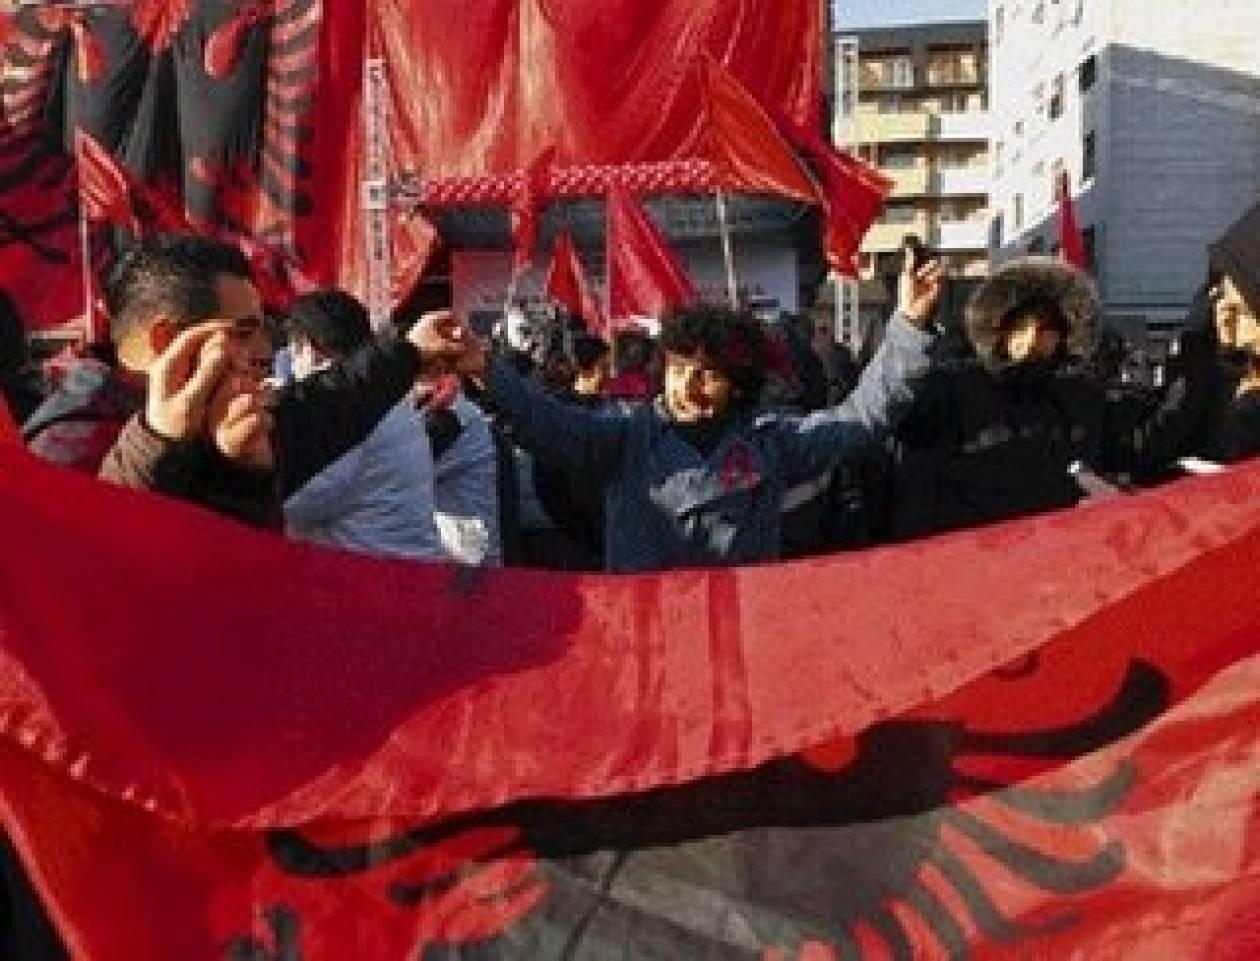 Αλβανός συγγραφέας: Οι Αλβανοί εξισλαμίστηκαν από τους Οθωμανούς